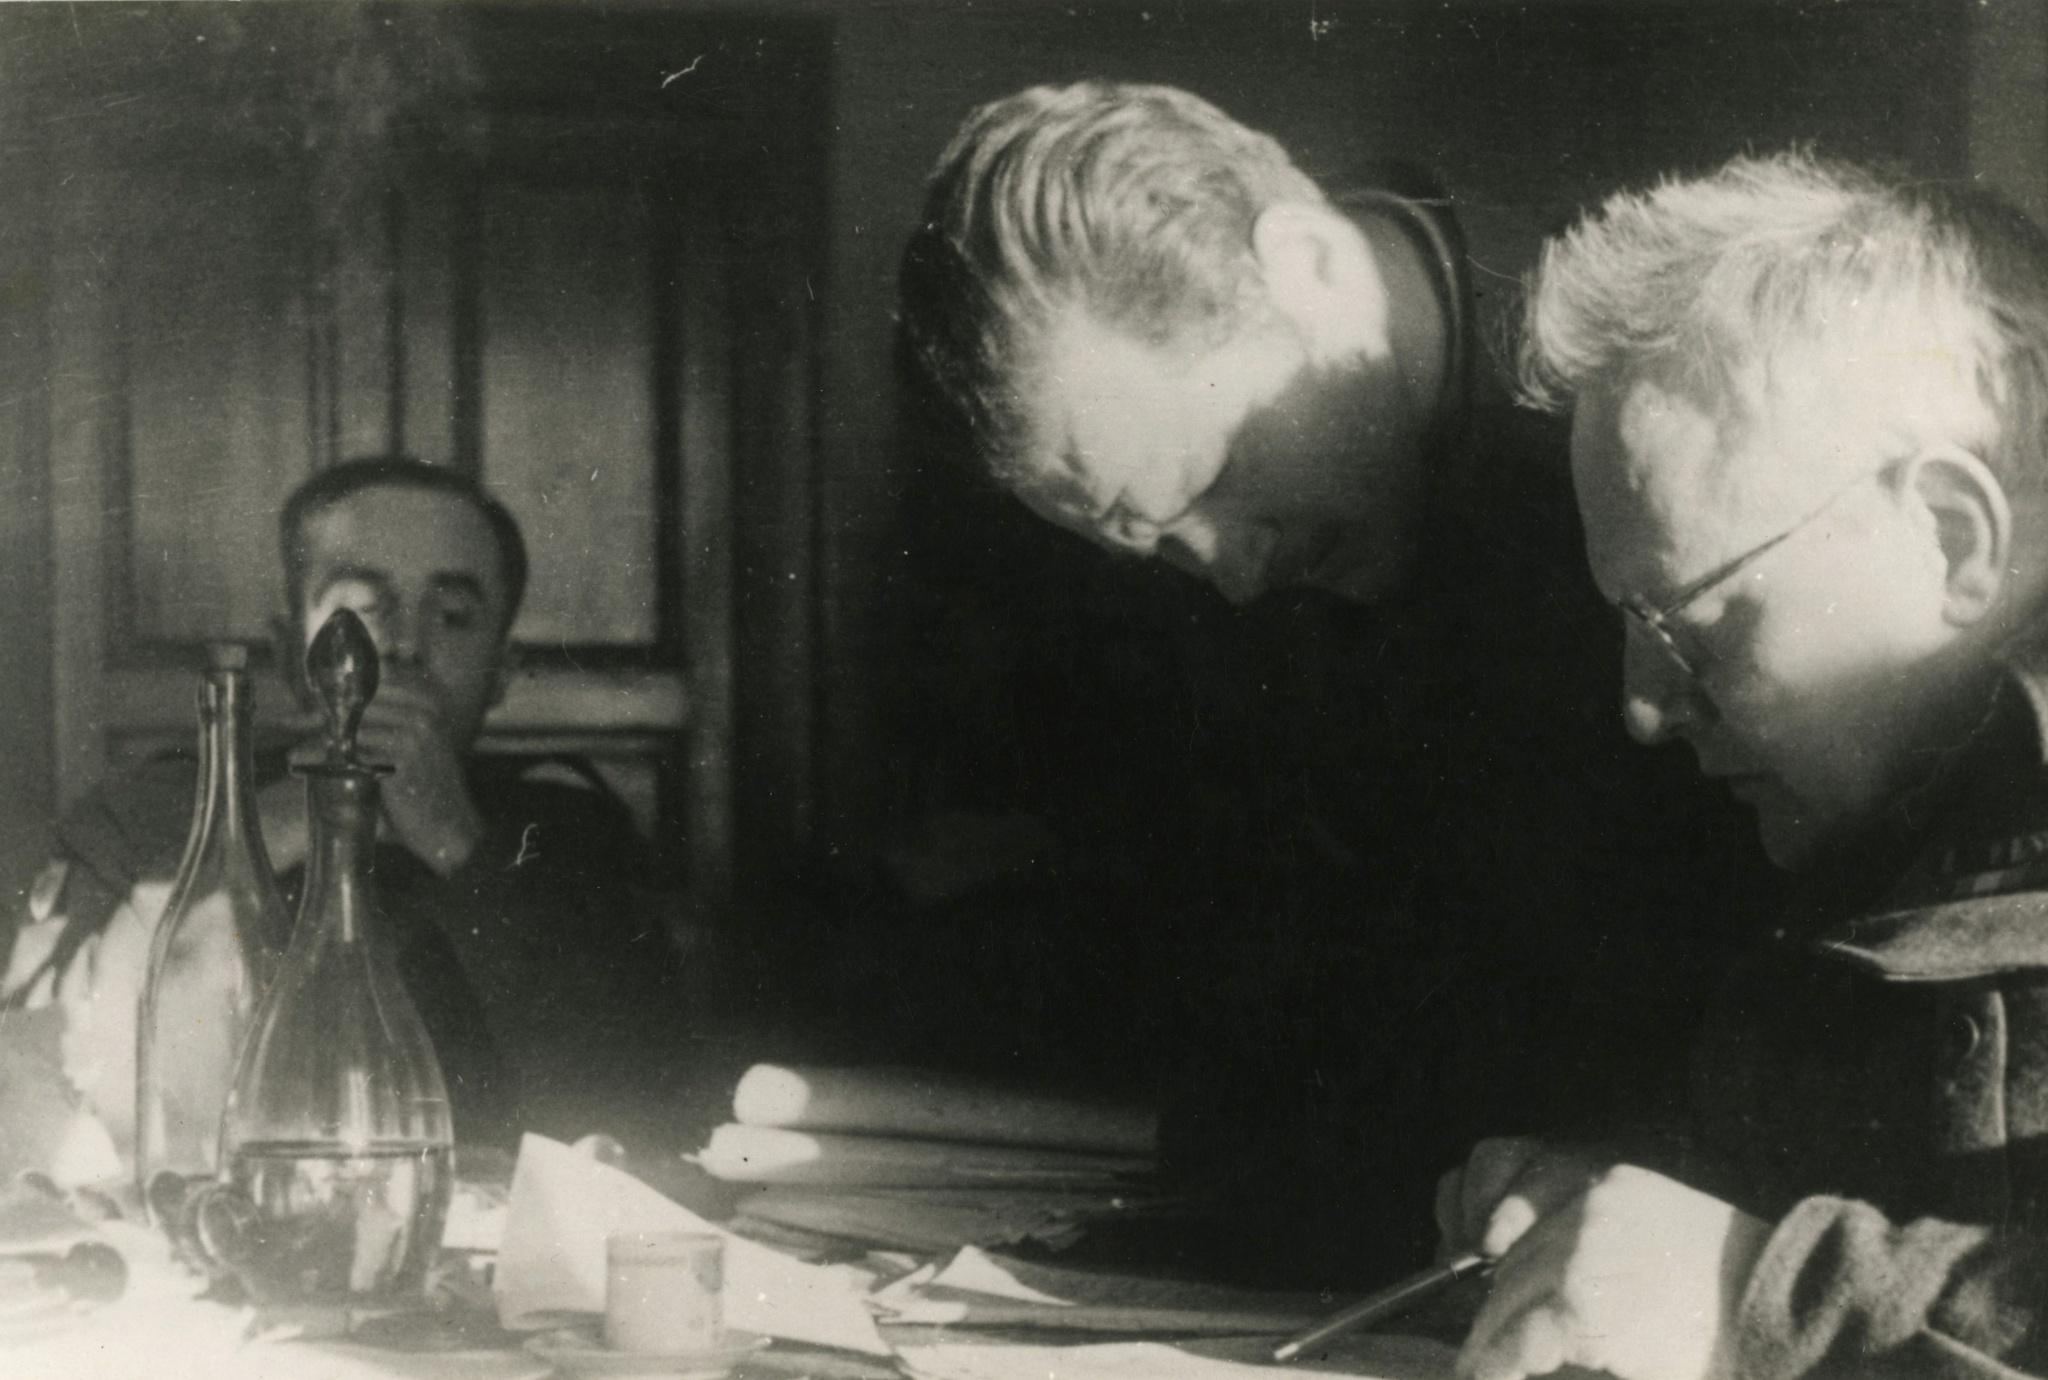 <div class='inner-box'><div class='close-desc'></div><span class='opis'>Jerzy Giedroyc, Gustaw Herling-Grudziński i Melchior Wańkowicz, Rzym 1945 r.</span><div class='clearfix'></div><span>Шифр FIL00275</span><div class='clearfix'></div><span>© Instytut Literacki</span></div>